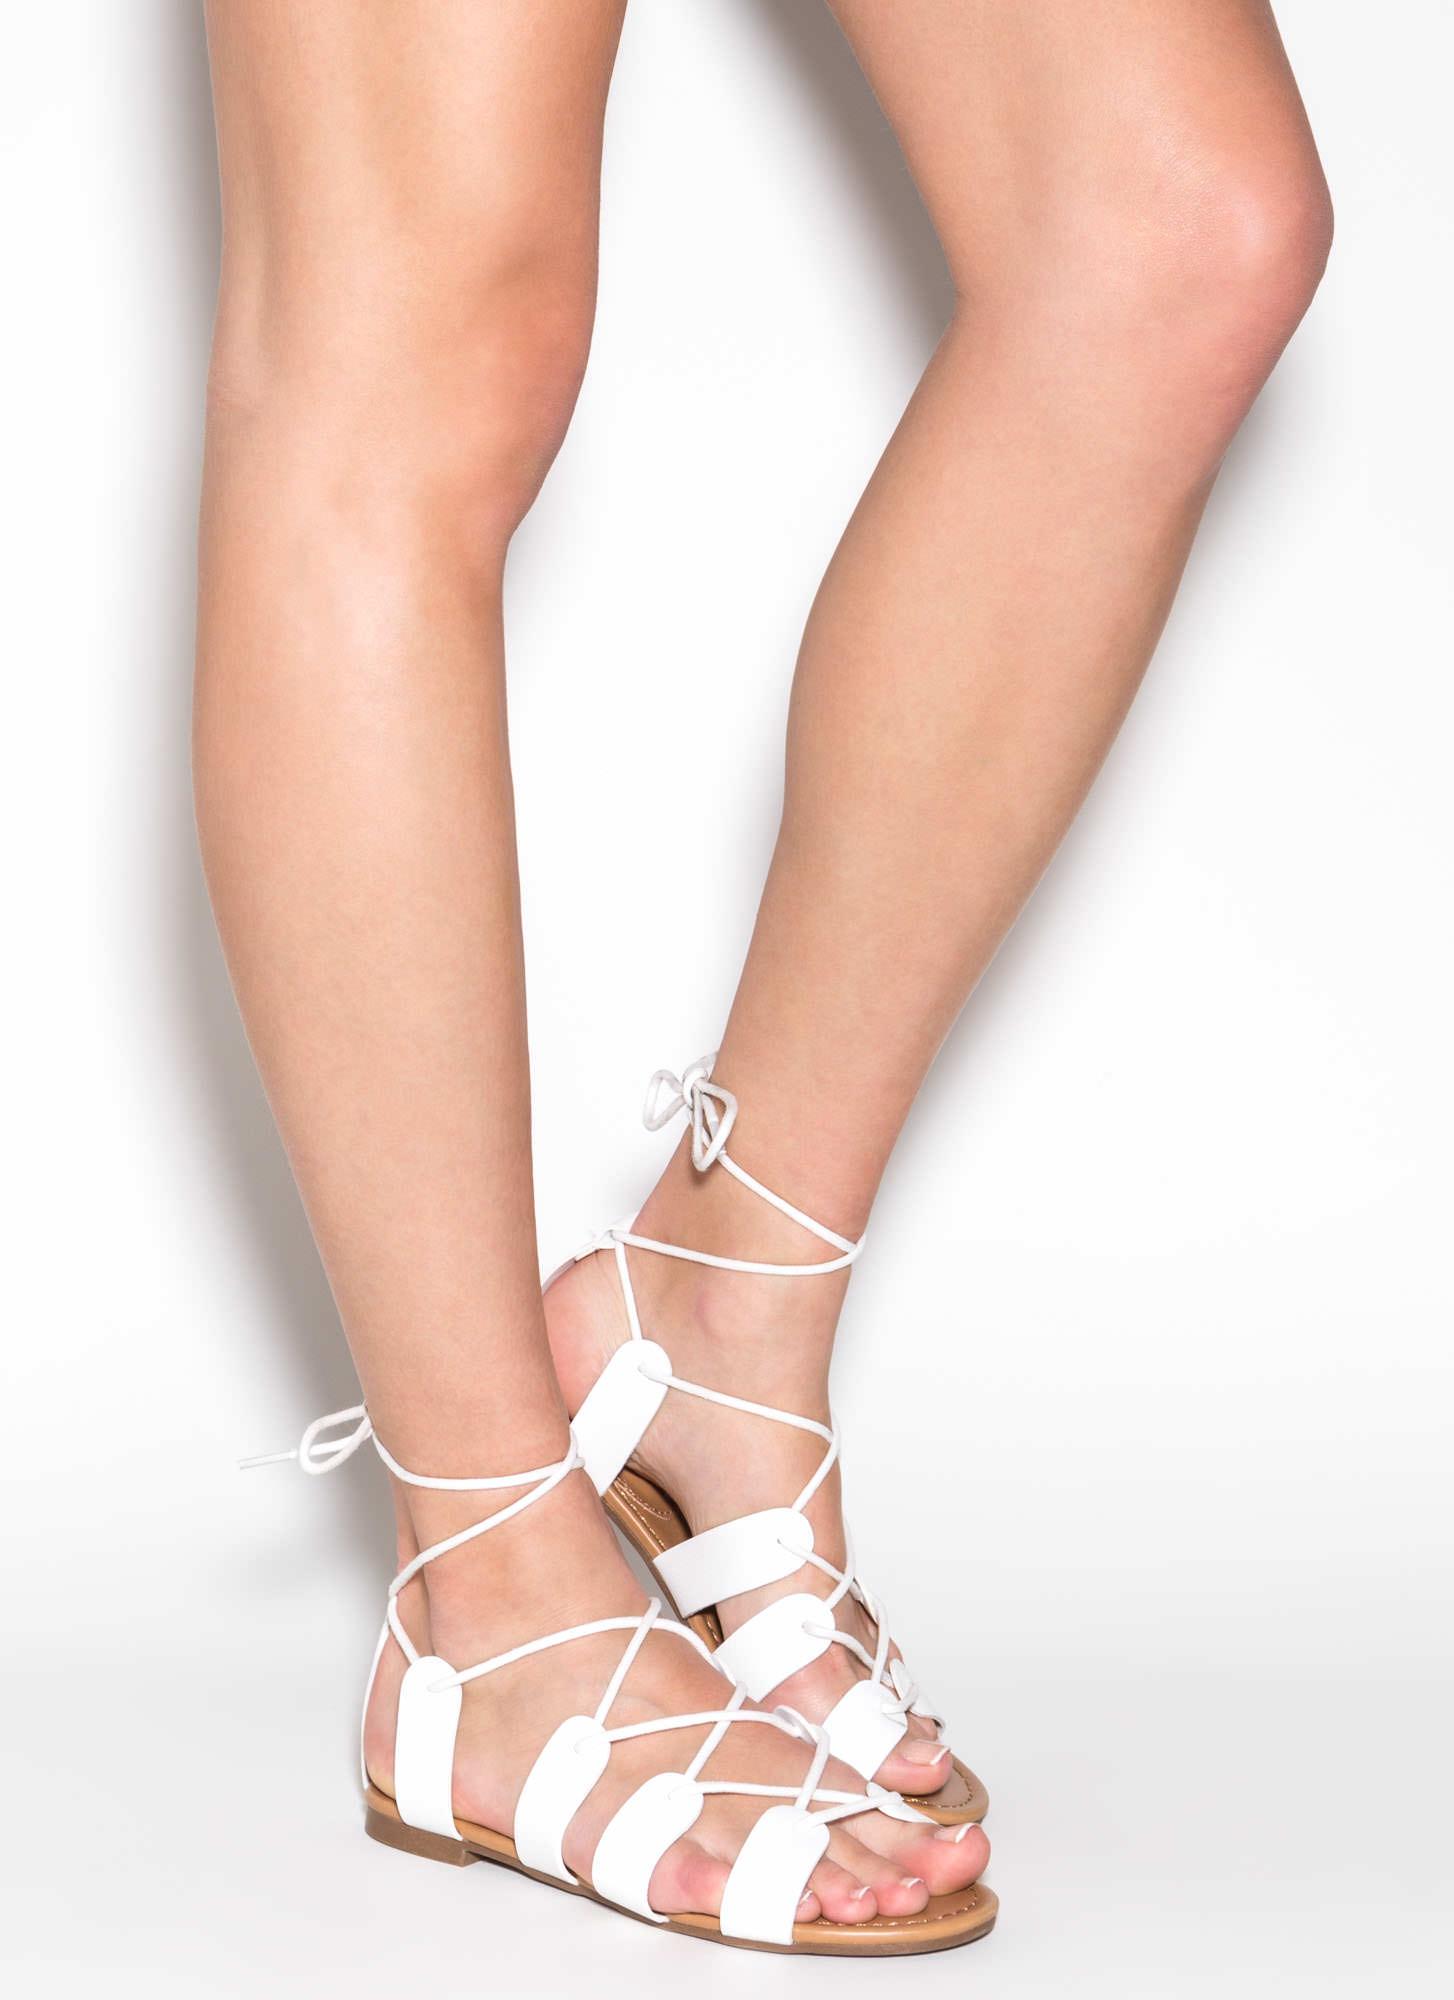 a3bd6b770c6 Best Kept Secret Lace-Up Sandals AQUA BLACK WHITE NATURAL ...